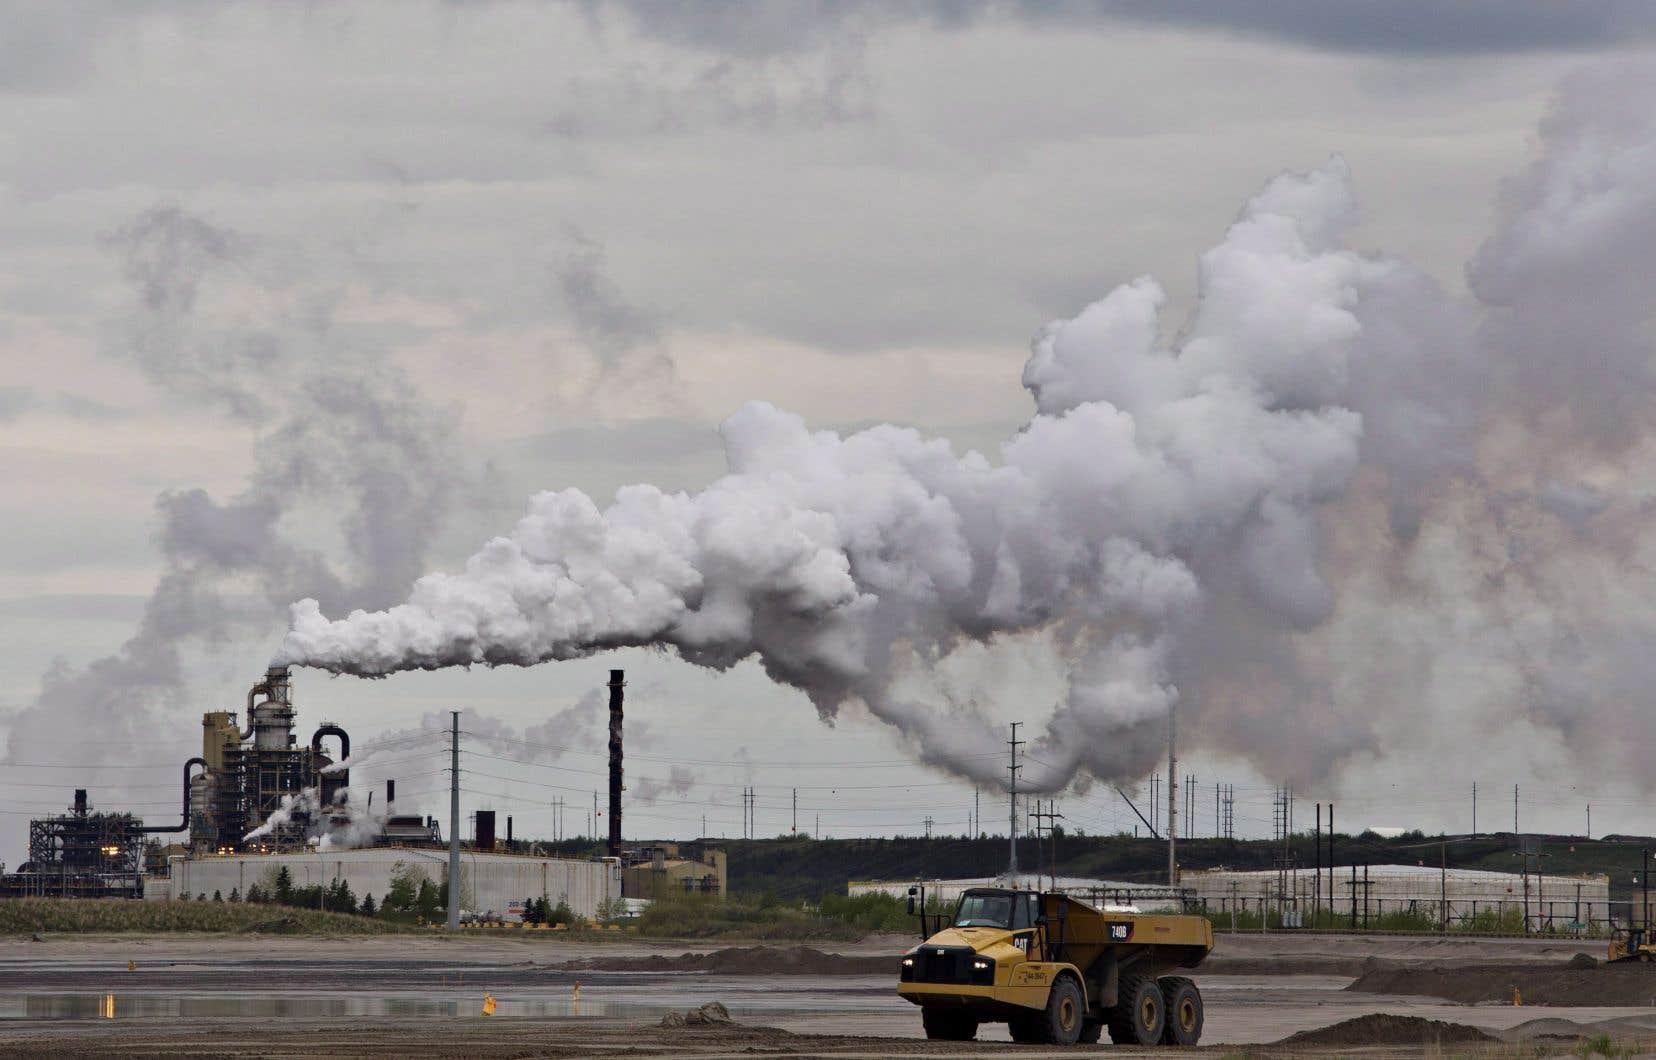 Le projet Frontier promettait de rapporter 12milliards de dollars en revenus divers pour le gouvernement fédéral, mais il aurait émis quatre millions de tonnes de gaz à effet de serre par année durant 40ans. Sur la photo, un projet d'extraction de sables bitumineux deSyncrude, près de Fort McMurray